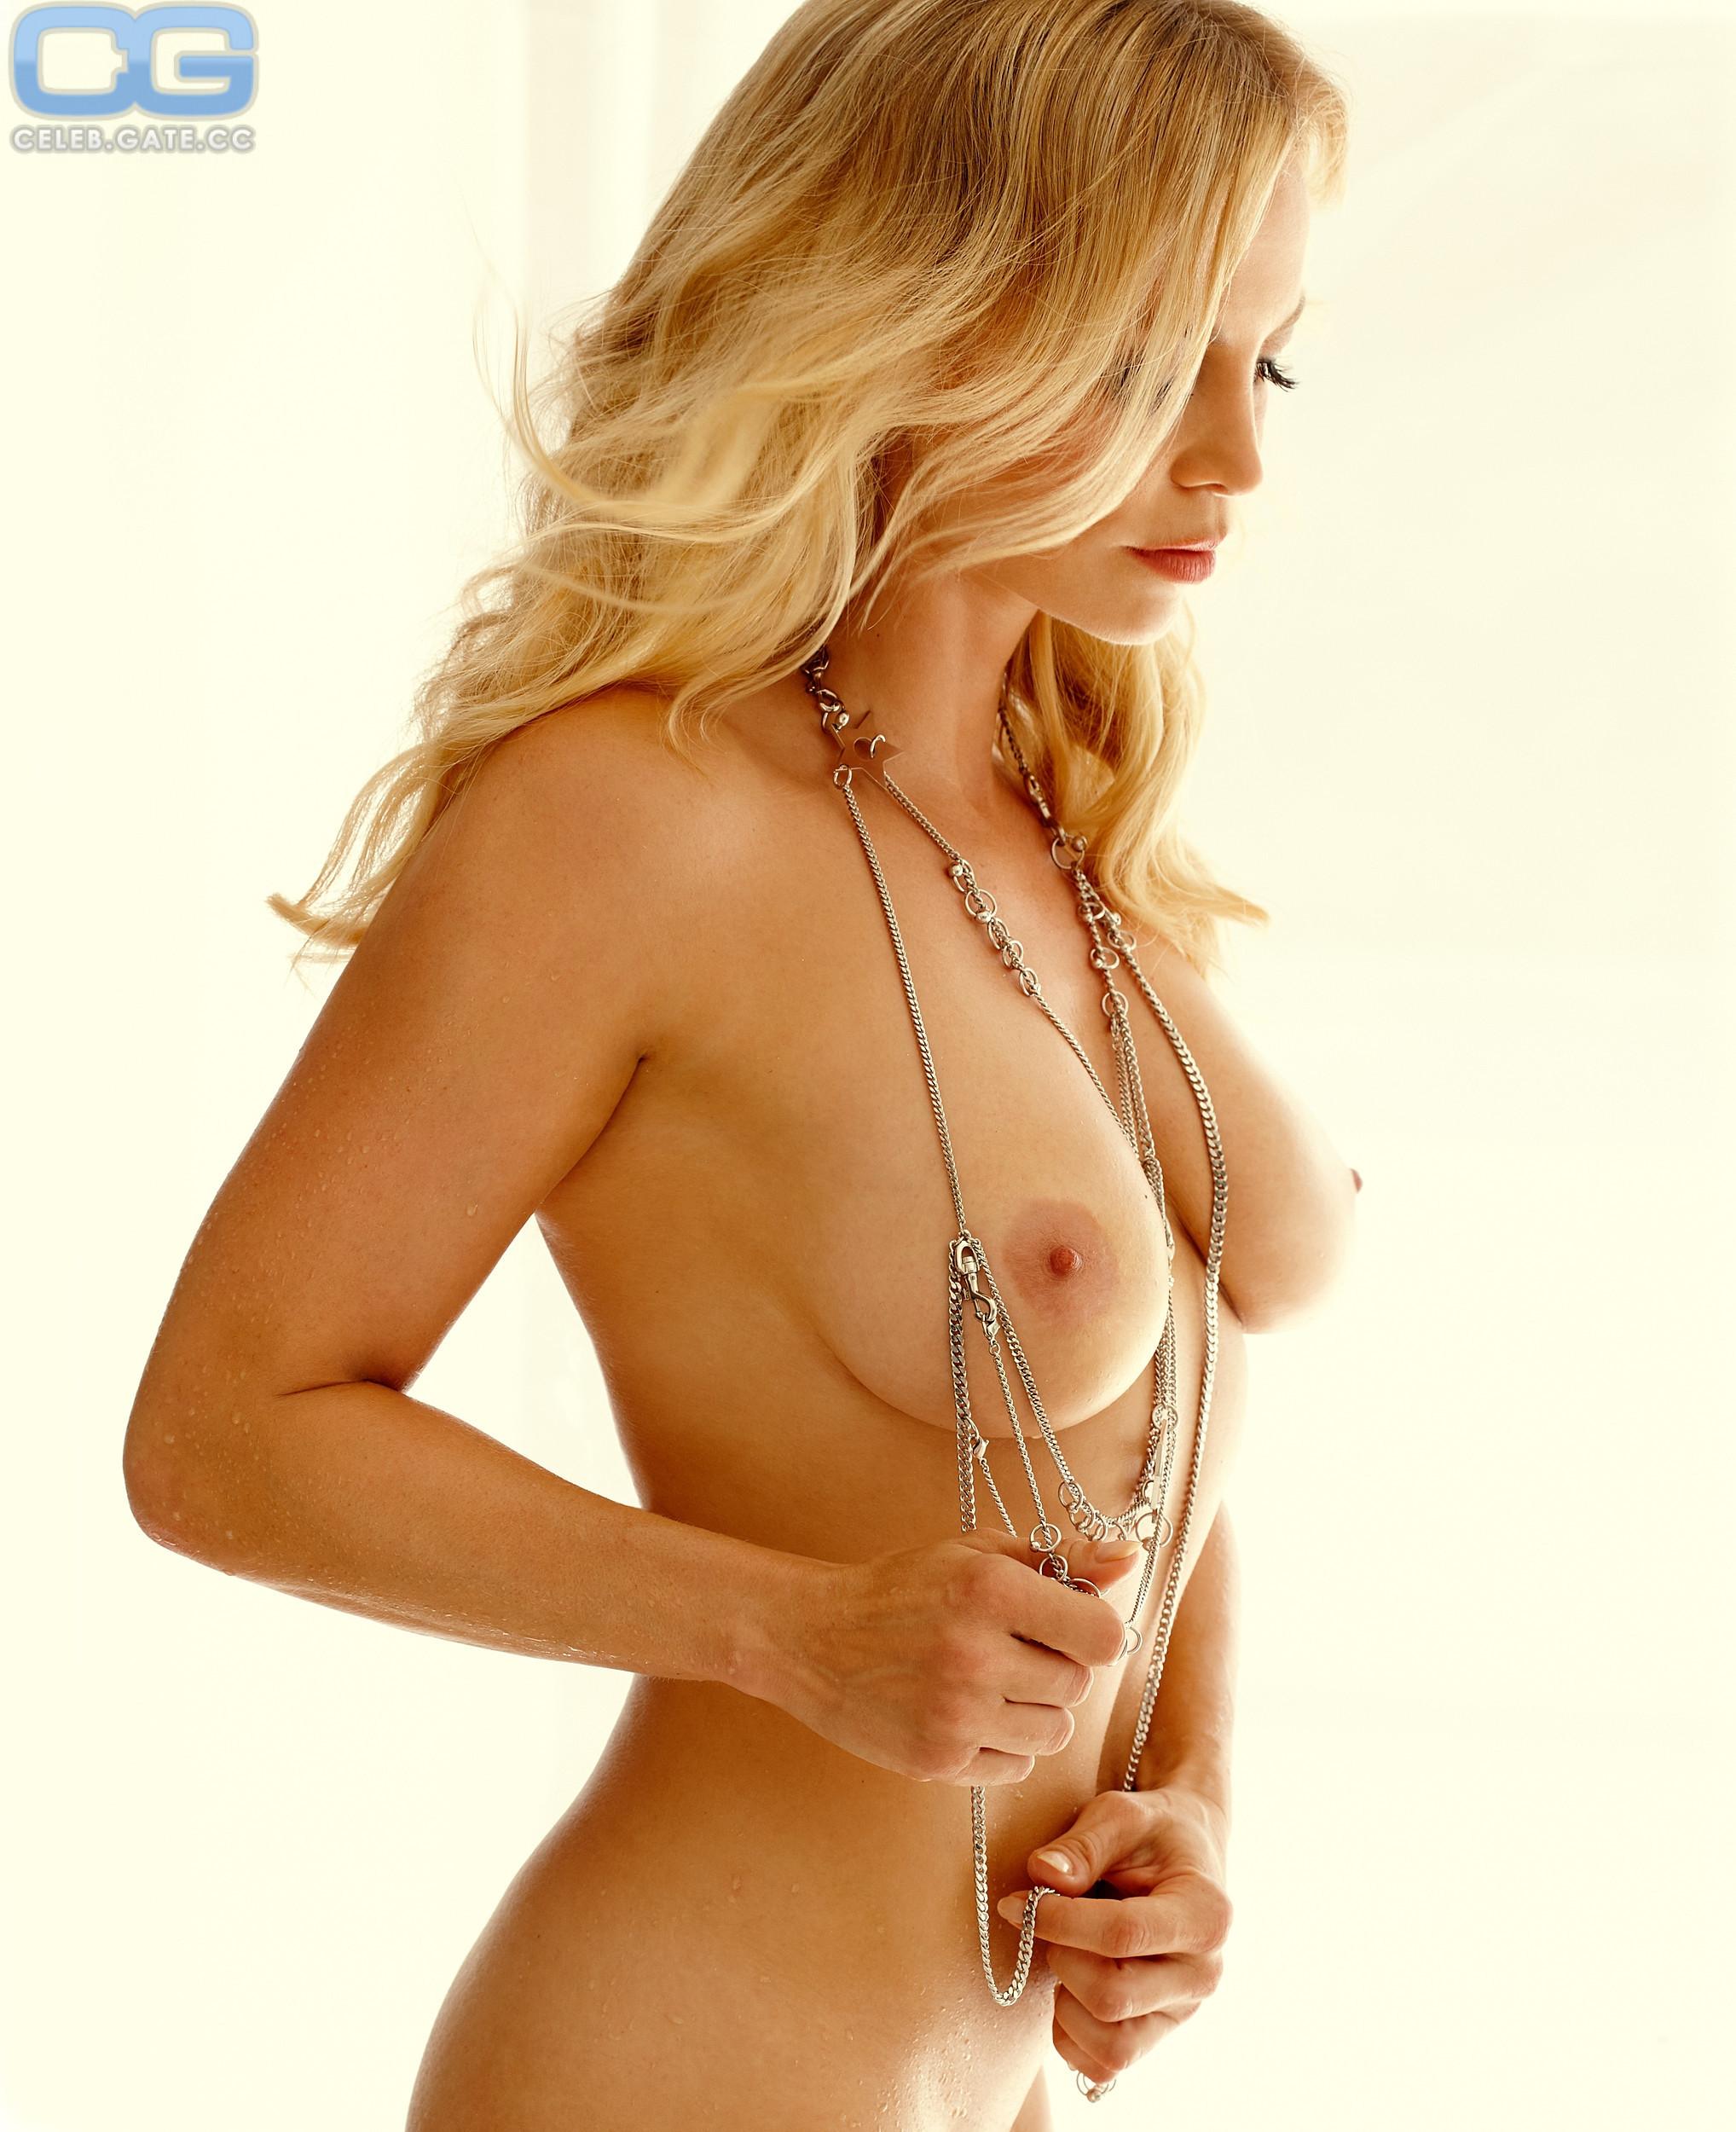 Bilder regina halmich nackt Sportlerinnen /